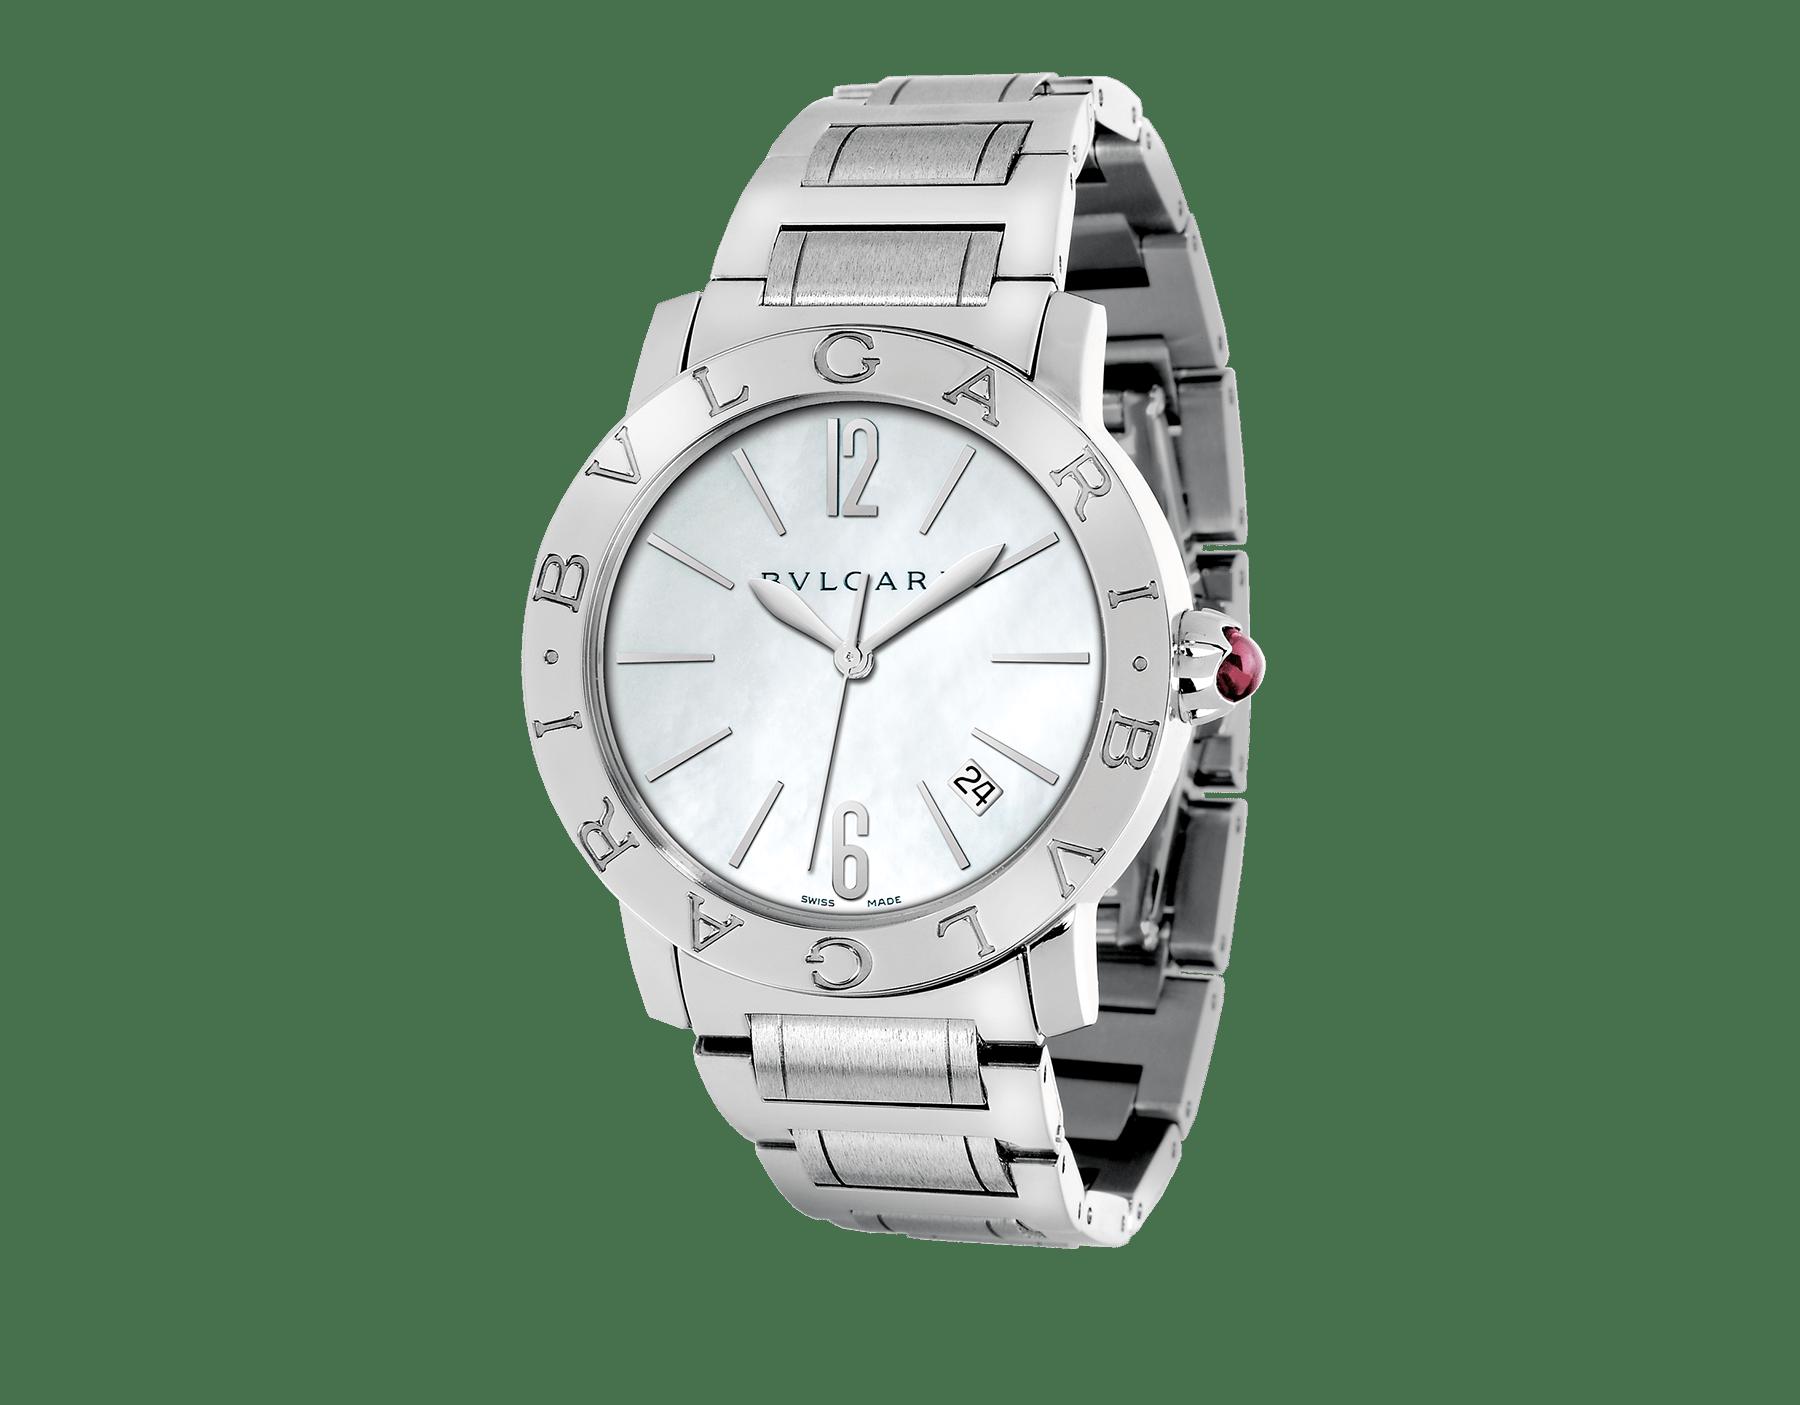 BVLGARI BVLGARI Uhr mit Gehäuse und Armband aus Edelstahl mit weißem Perlmuttzifferblatt und Datumsanzeige. Großes Modell 101976 image 1